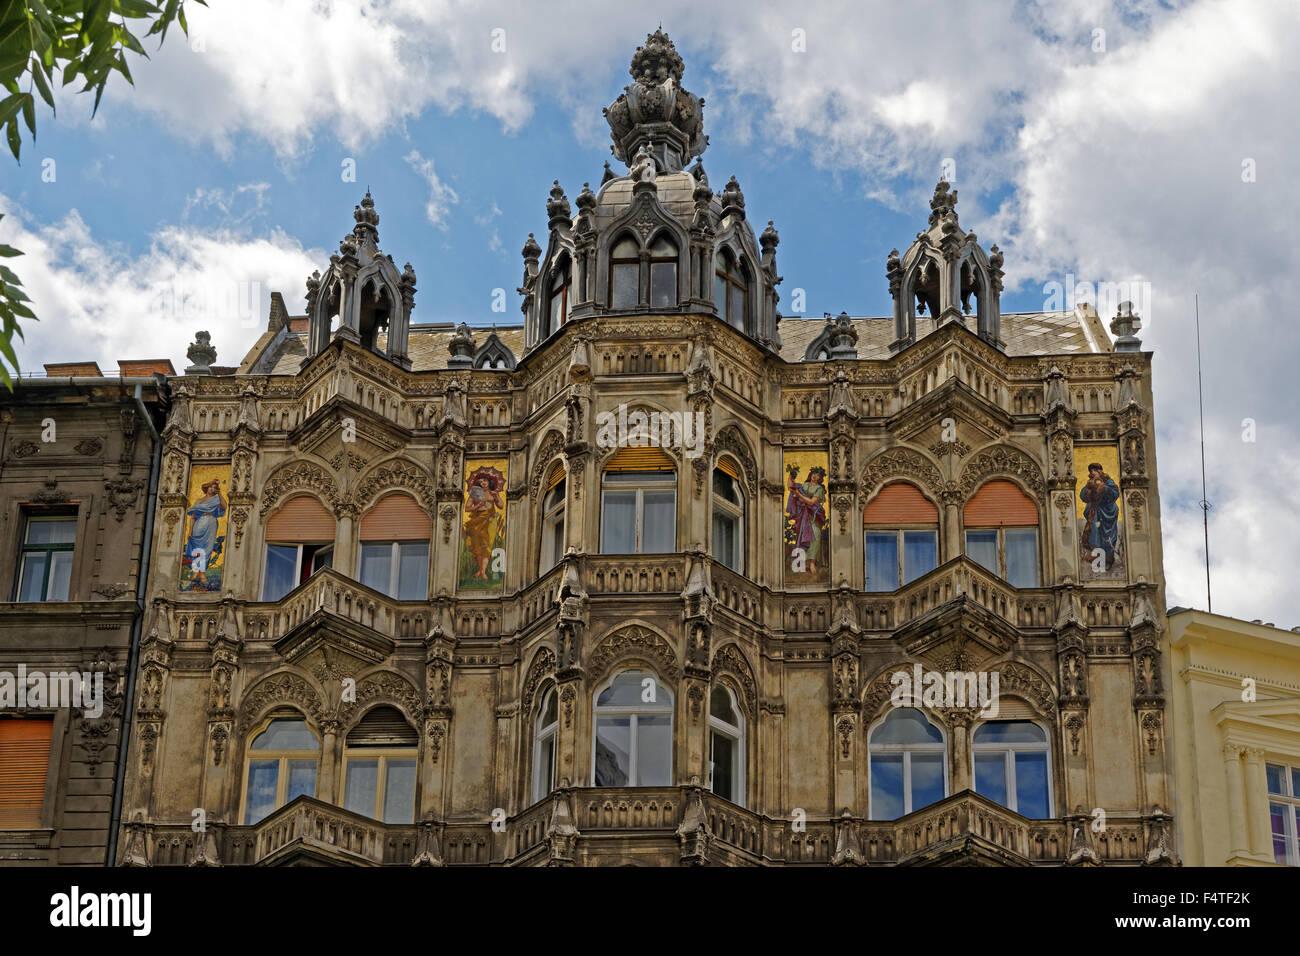 House facade, historically - Stock Image